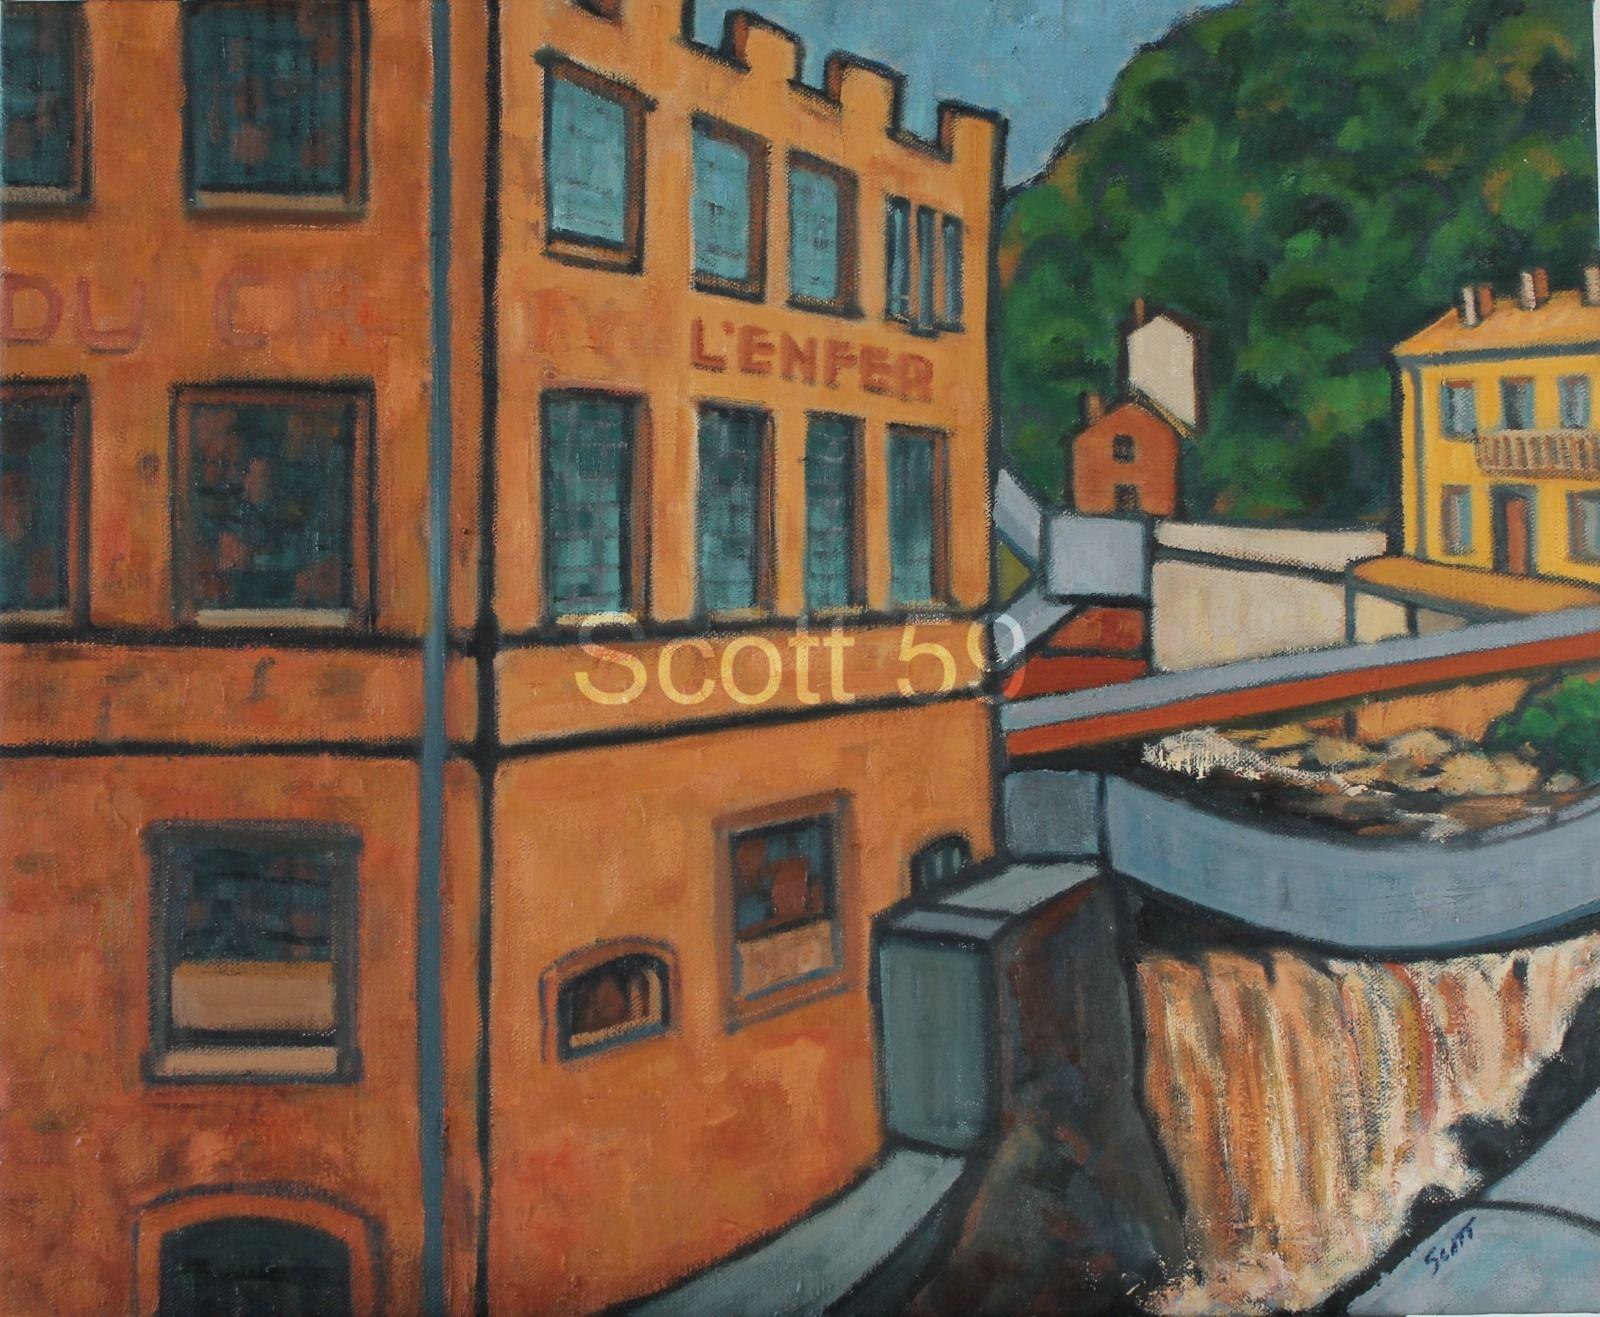 Thiers, Creux d'enfer #3 (Oil on Canvas 73cm x 60cm)